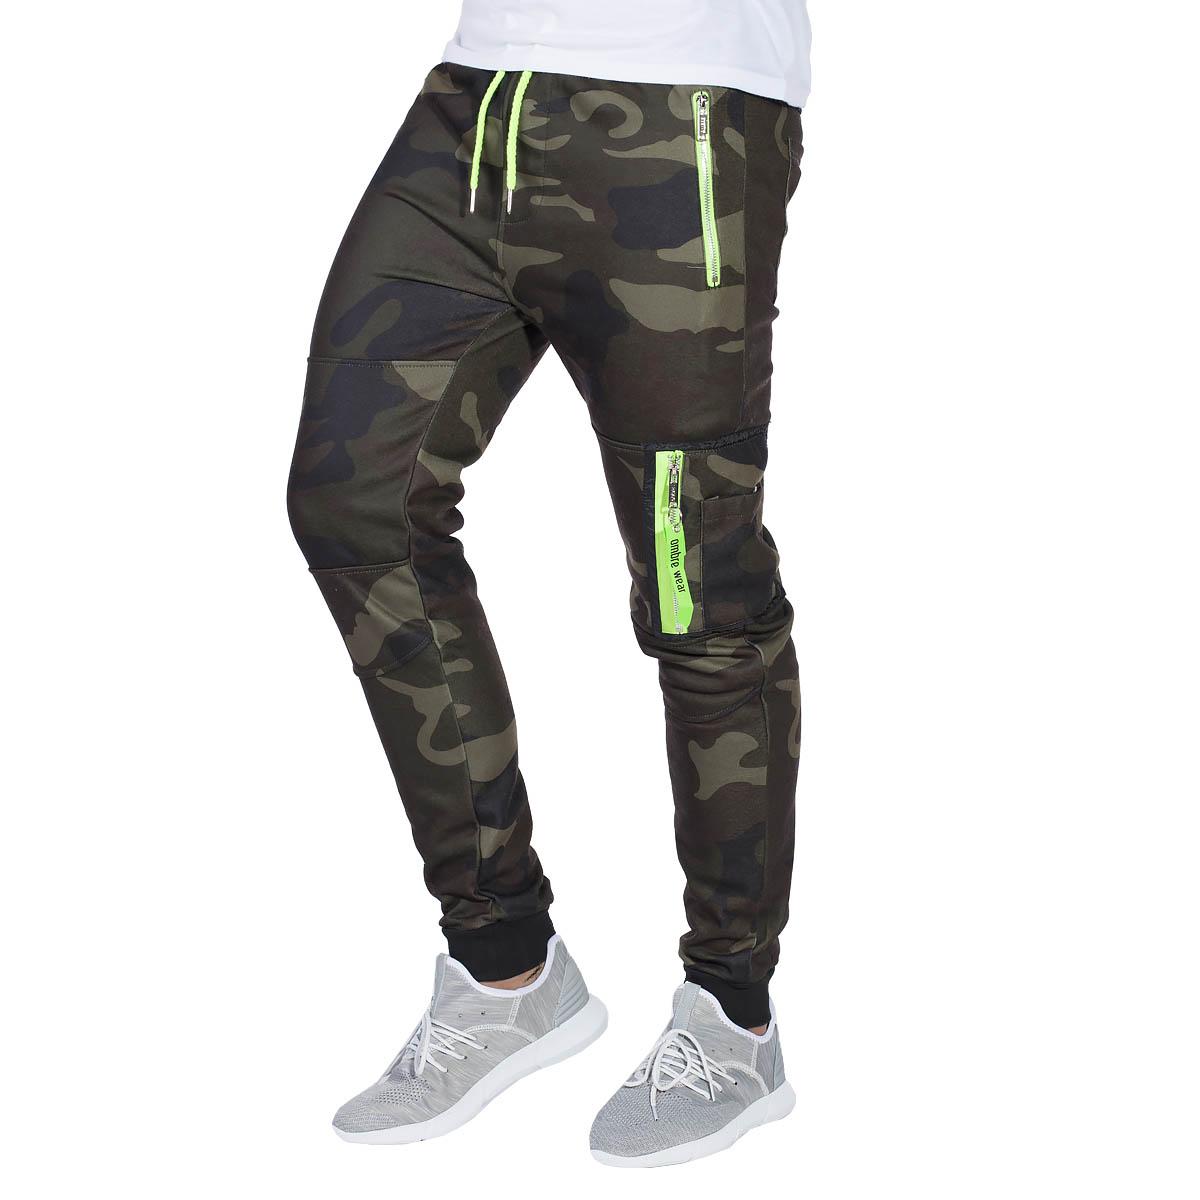 e19b8e24d9 Ombre Clothing Férfi melegítő nadrág cipzáras zsebekkel Frankie terepmintá  zöld